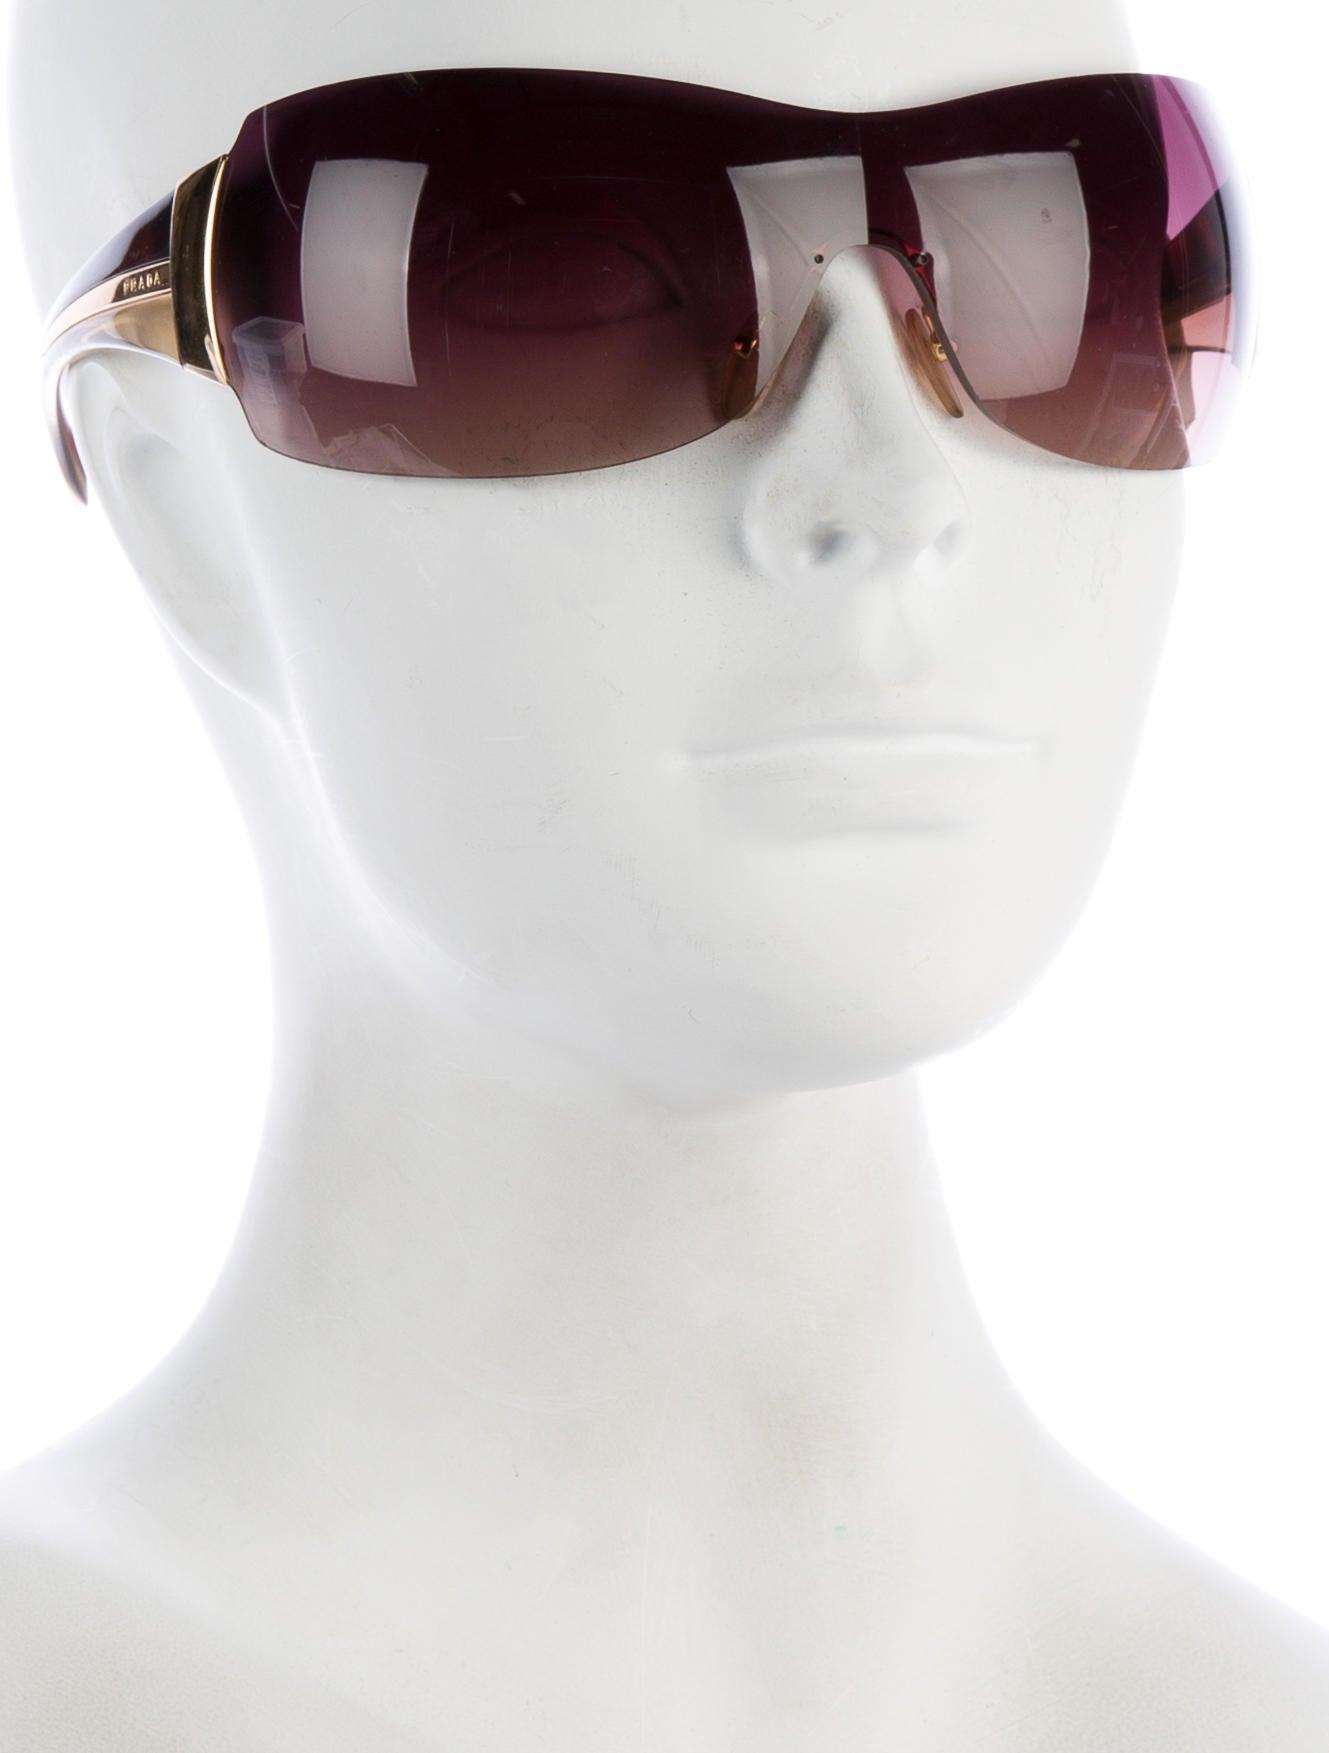 2d29b07bc636 Prada Shield Sunglasses Coffee